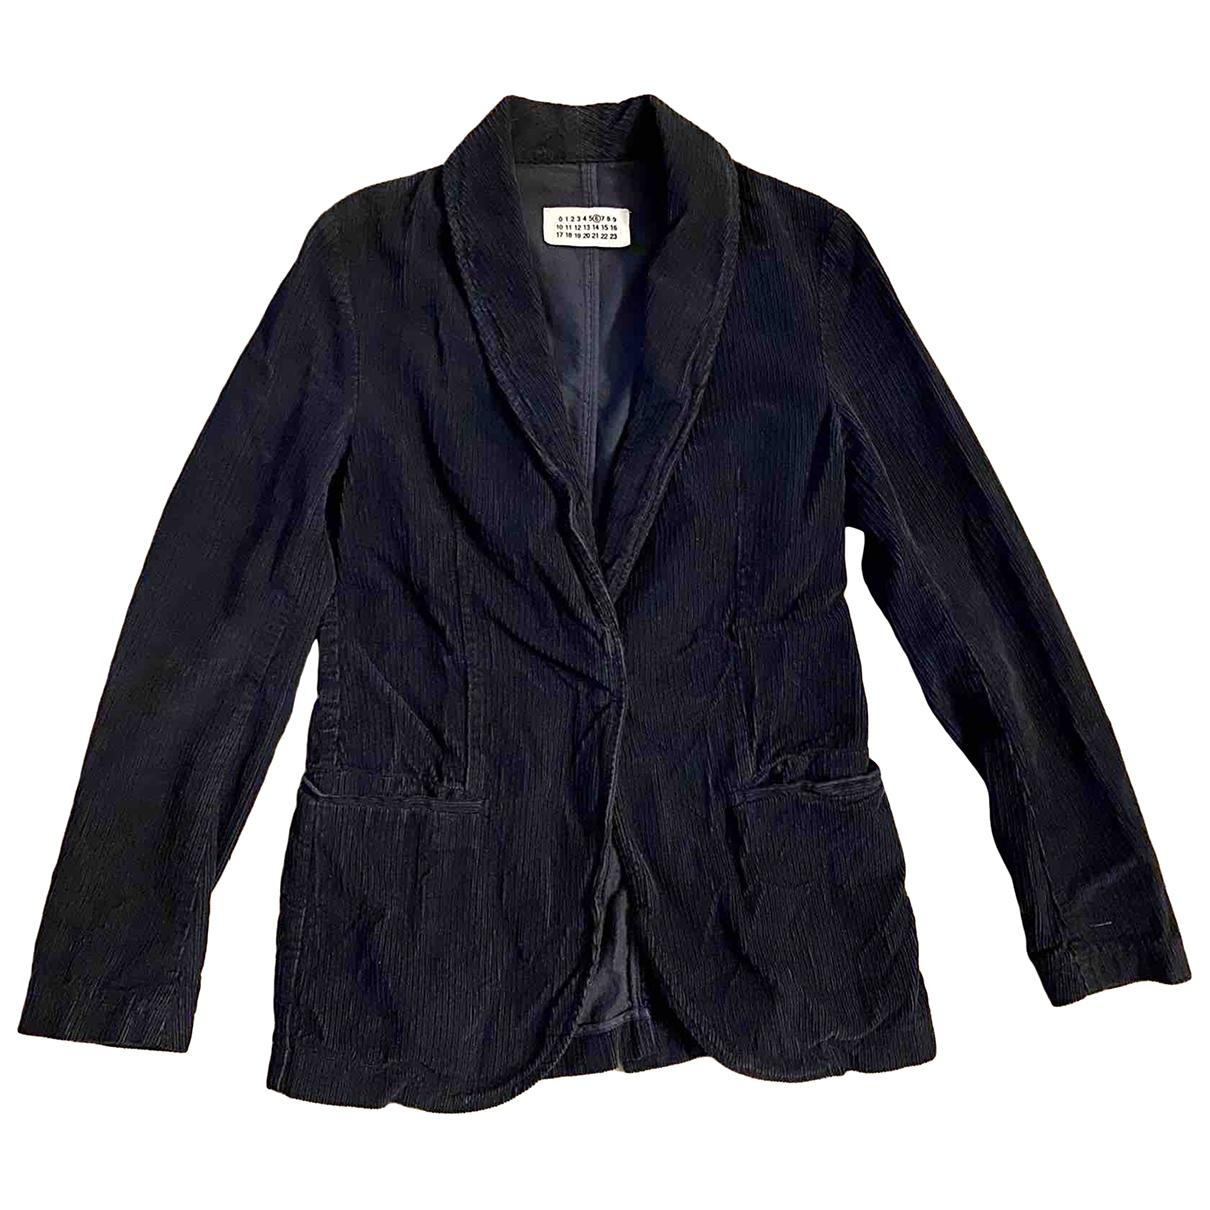 Mm6 \N Navy Velvet jacket for Women 38 FR